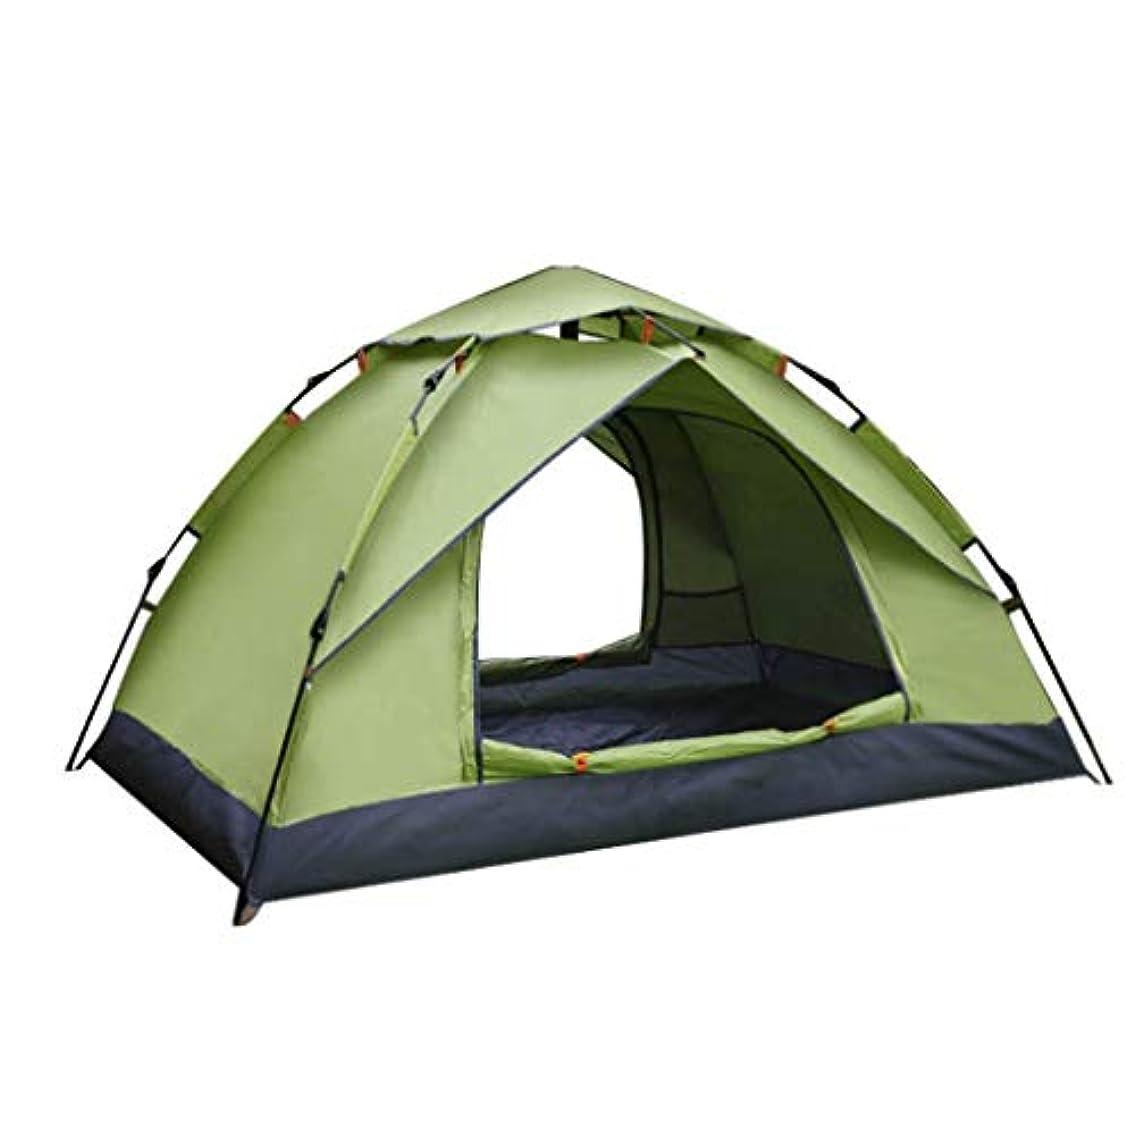 ヒューバートハドソン上院議員縫う屋外ダブル自動テント厚い防雨テントキャンプ両開きドアオーニング